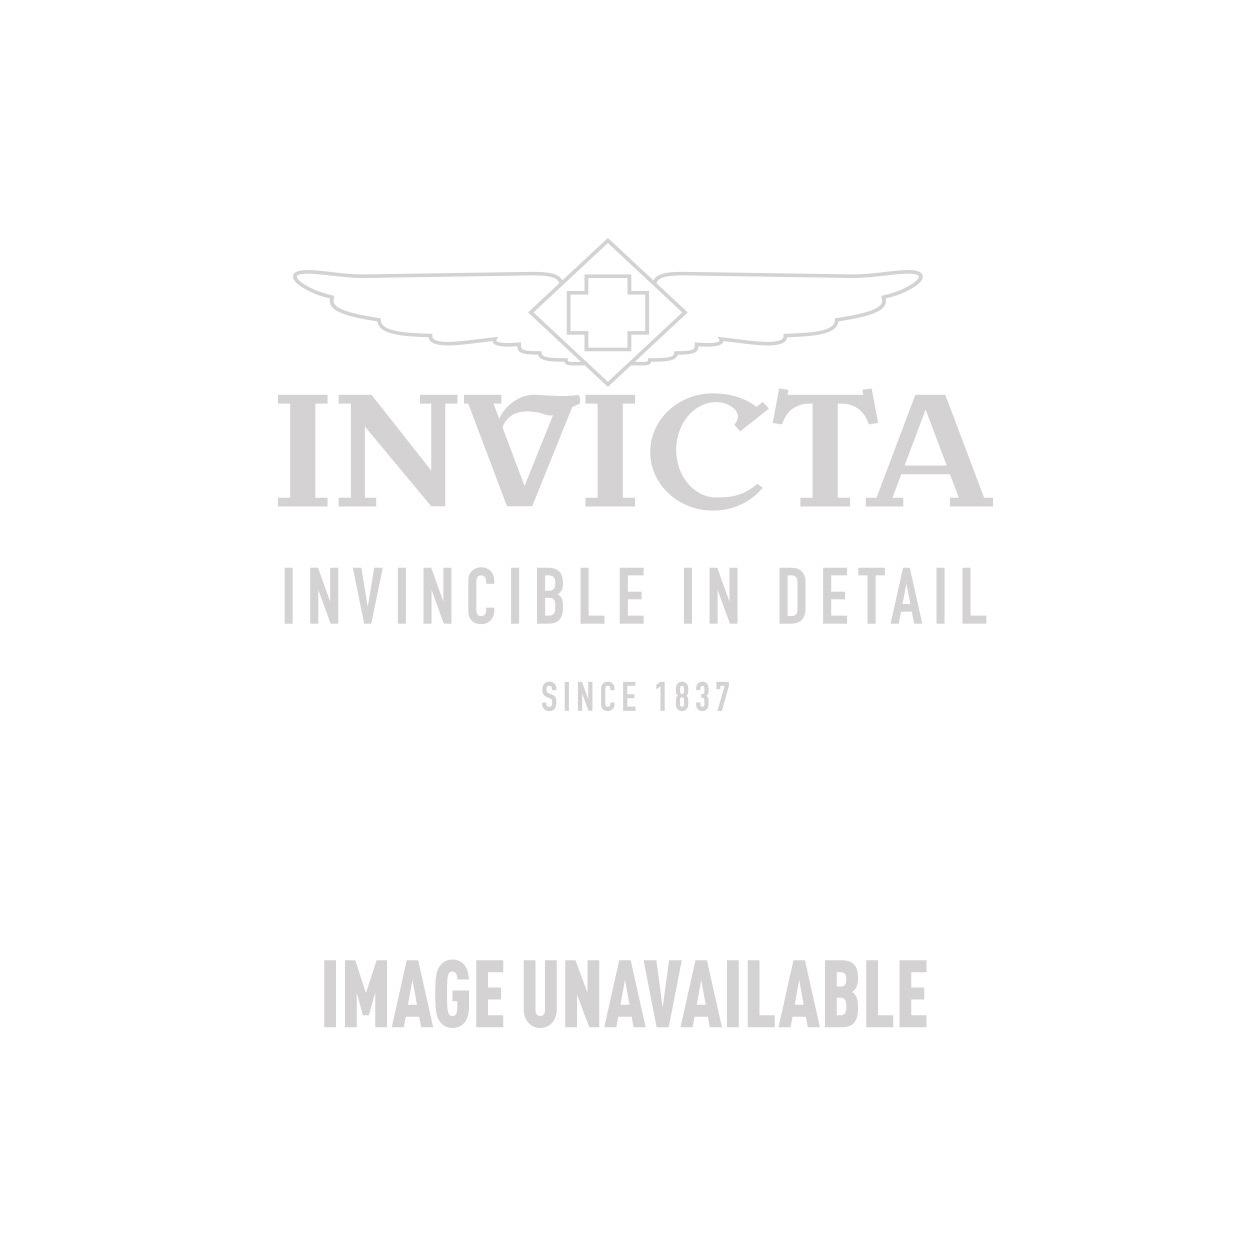 Invicta Model 25340